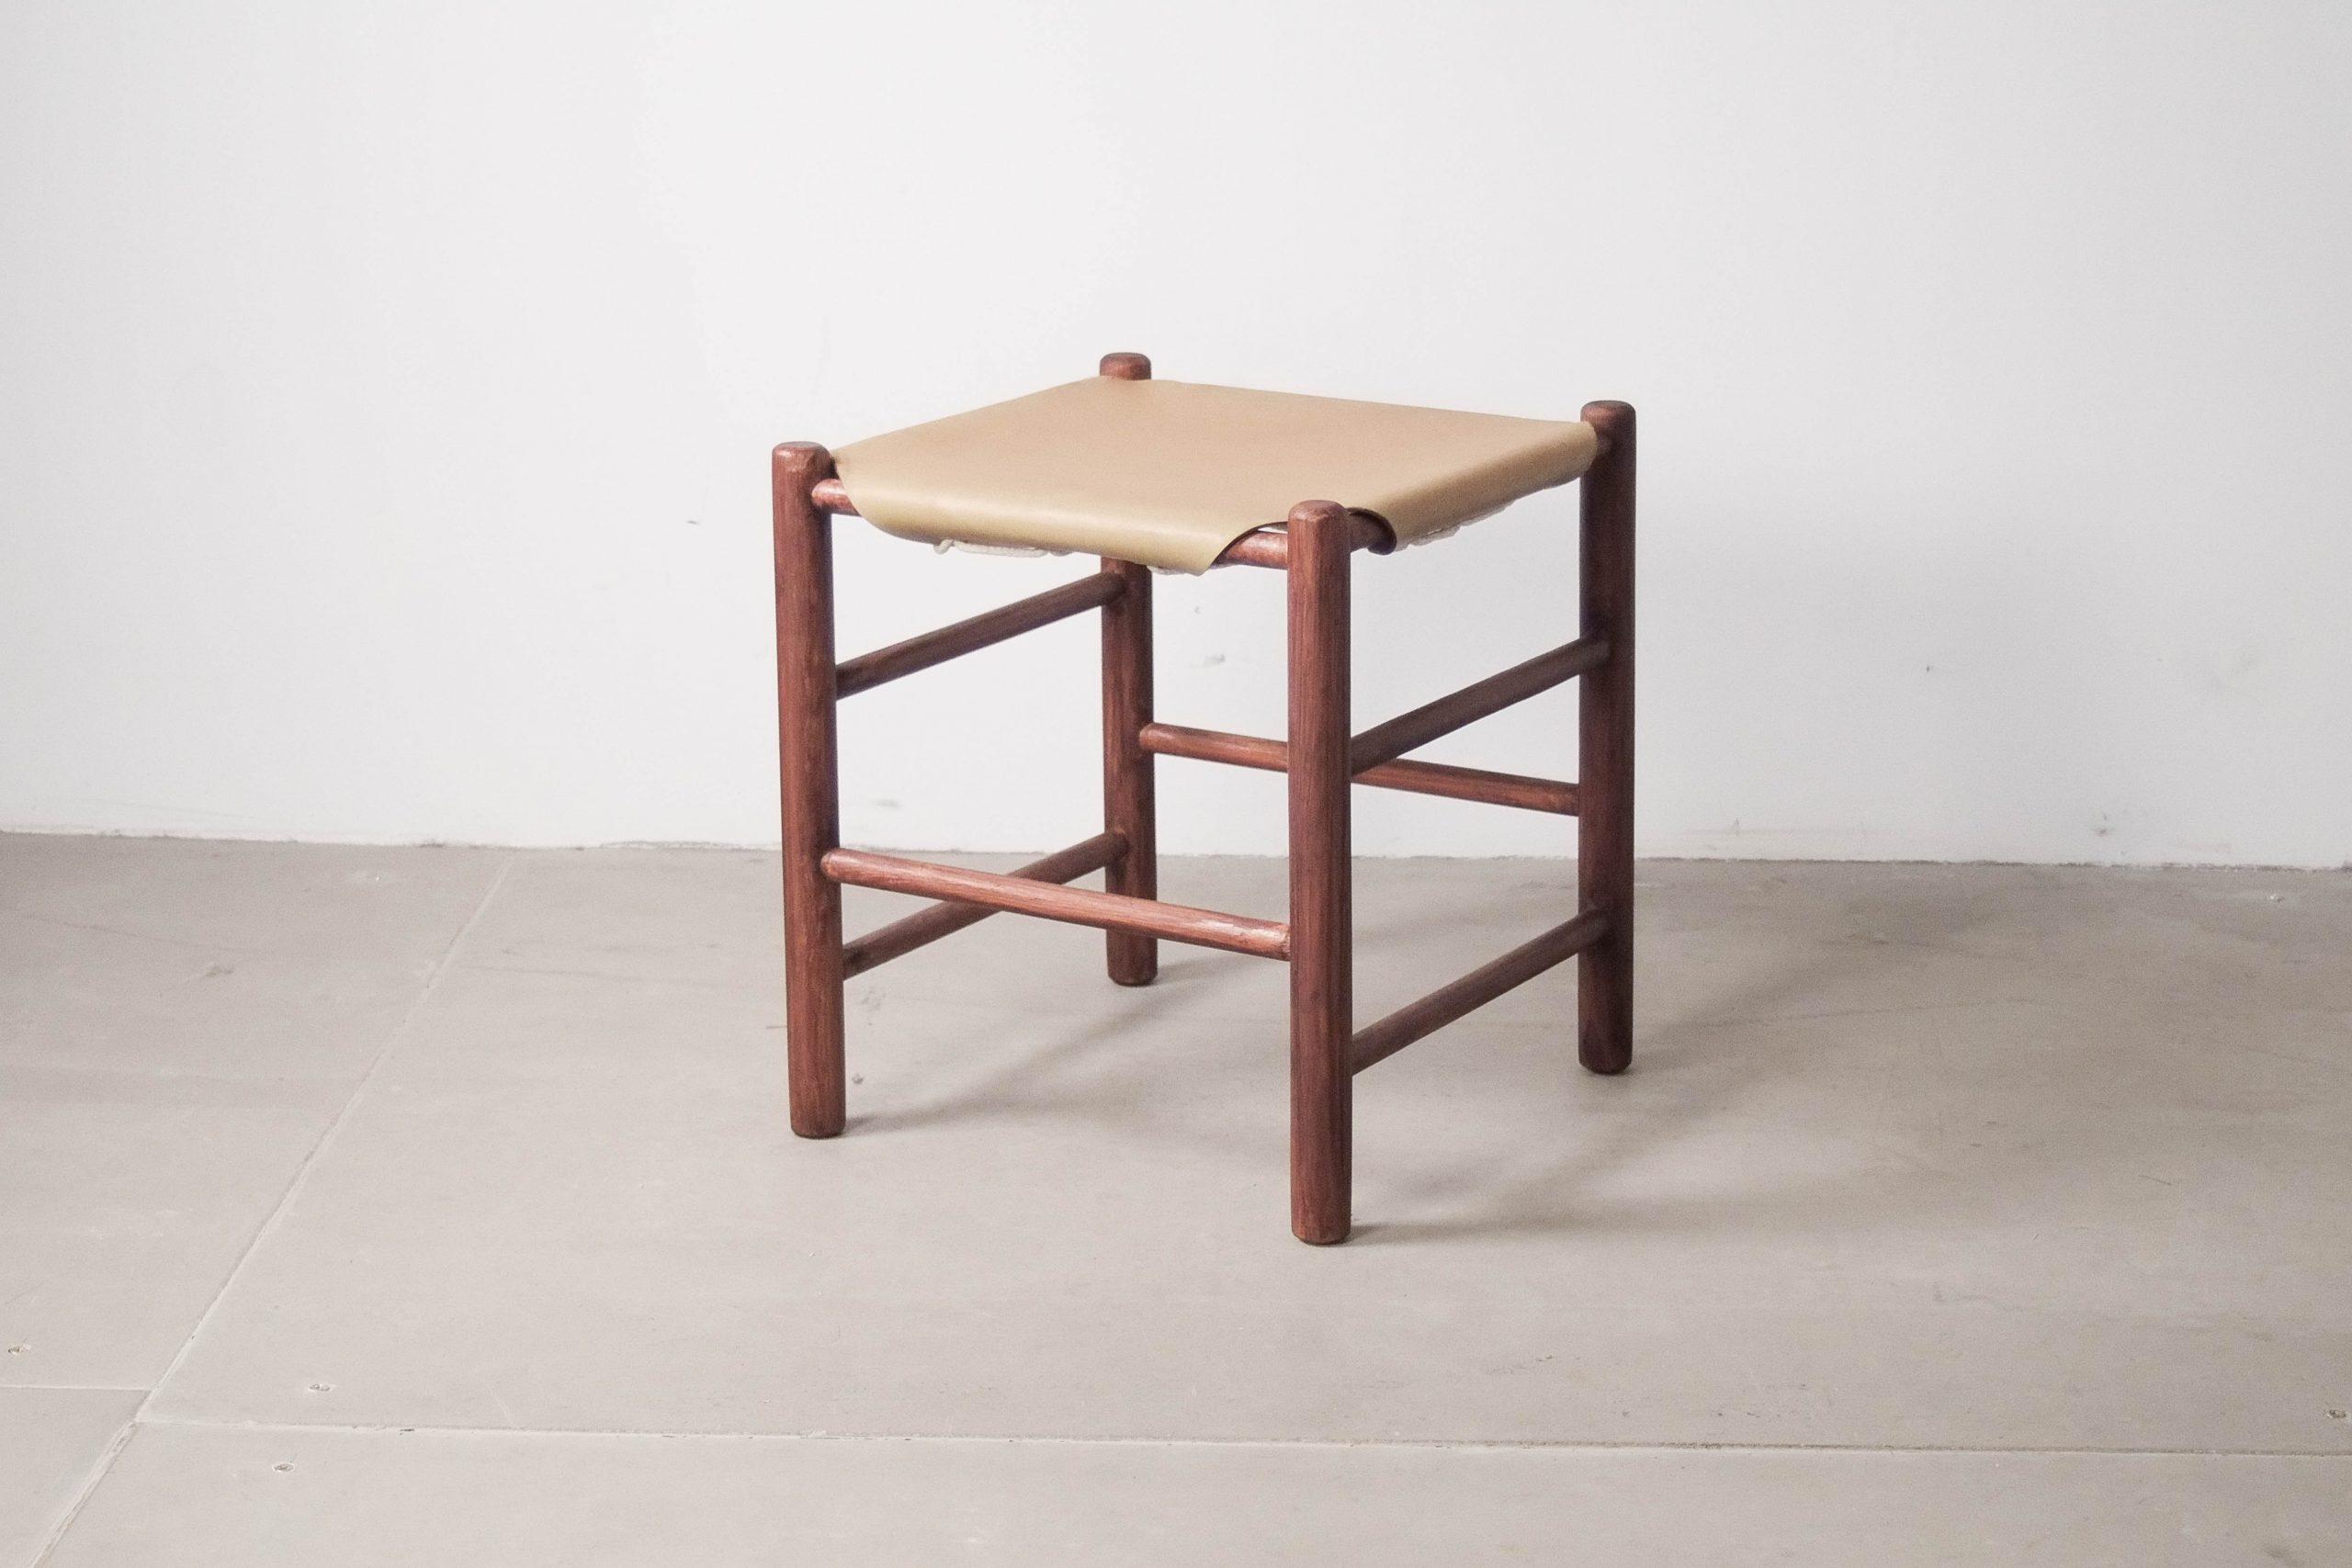 taburete vintage ate van apeldoorn de madera y piel fabricado a mano en holanda diseño años 60 retro